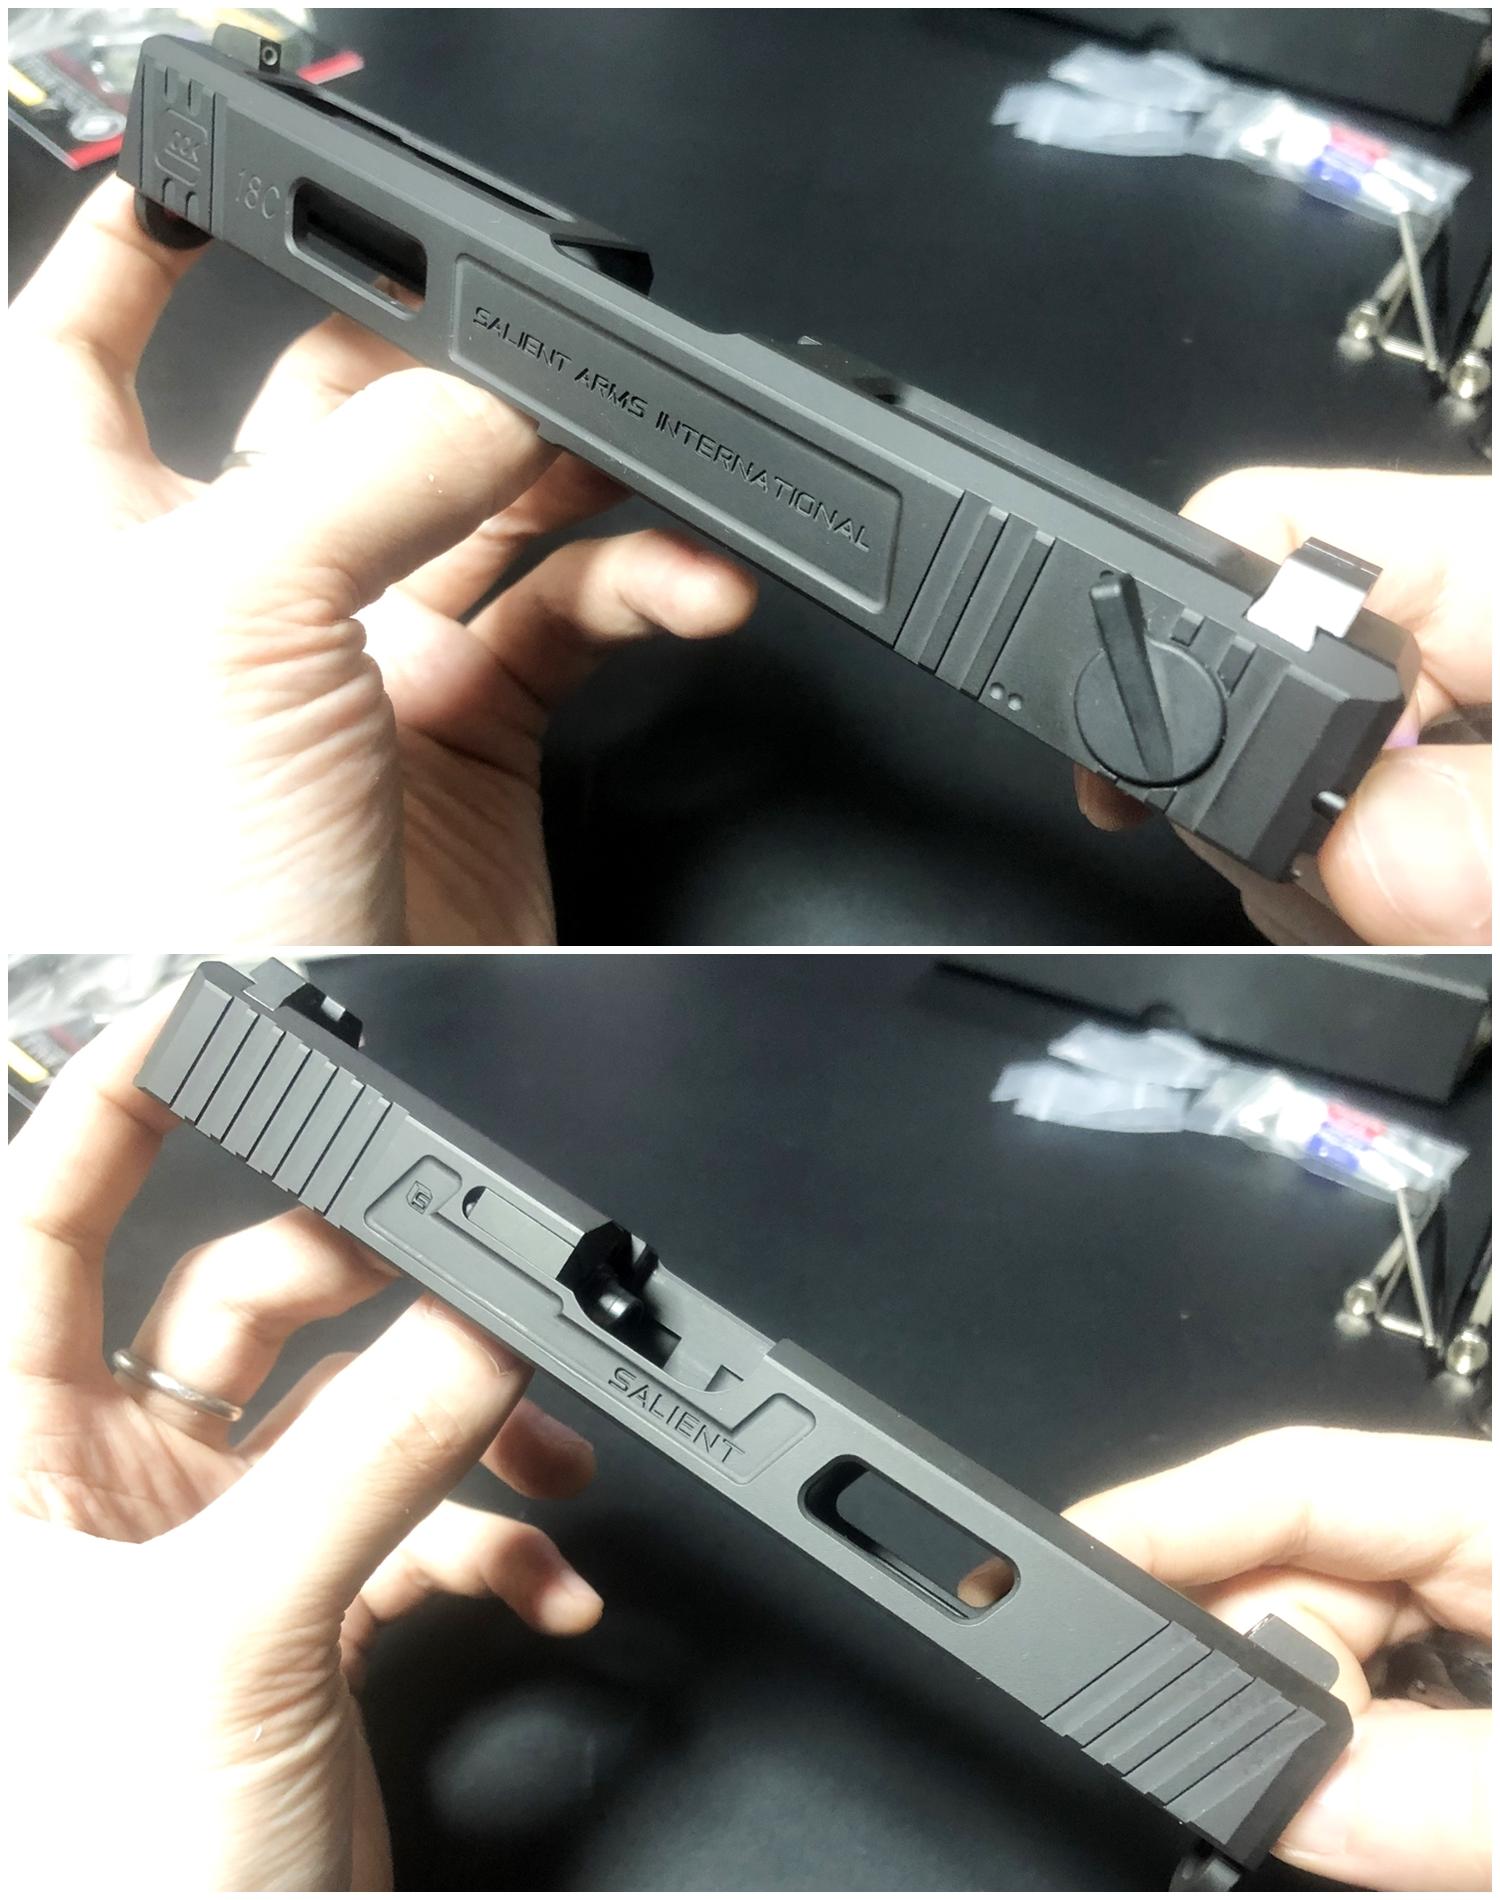 28【前半】 SAI GLOCK カスタムスライド G18C 組込完了!! やっと組み立てたぞ!! Guns Modify Salient Arms GM0251 スライドパーツ 購入 組込 分解 取付 カスタム レビュー!!